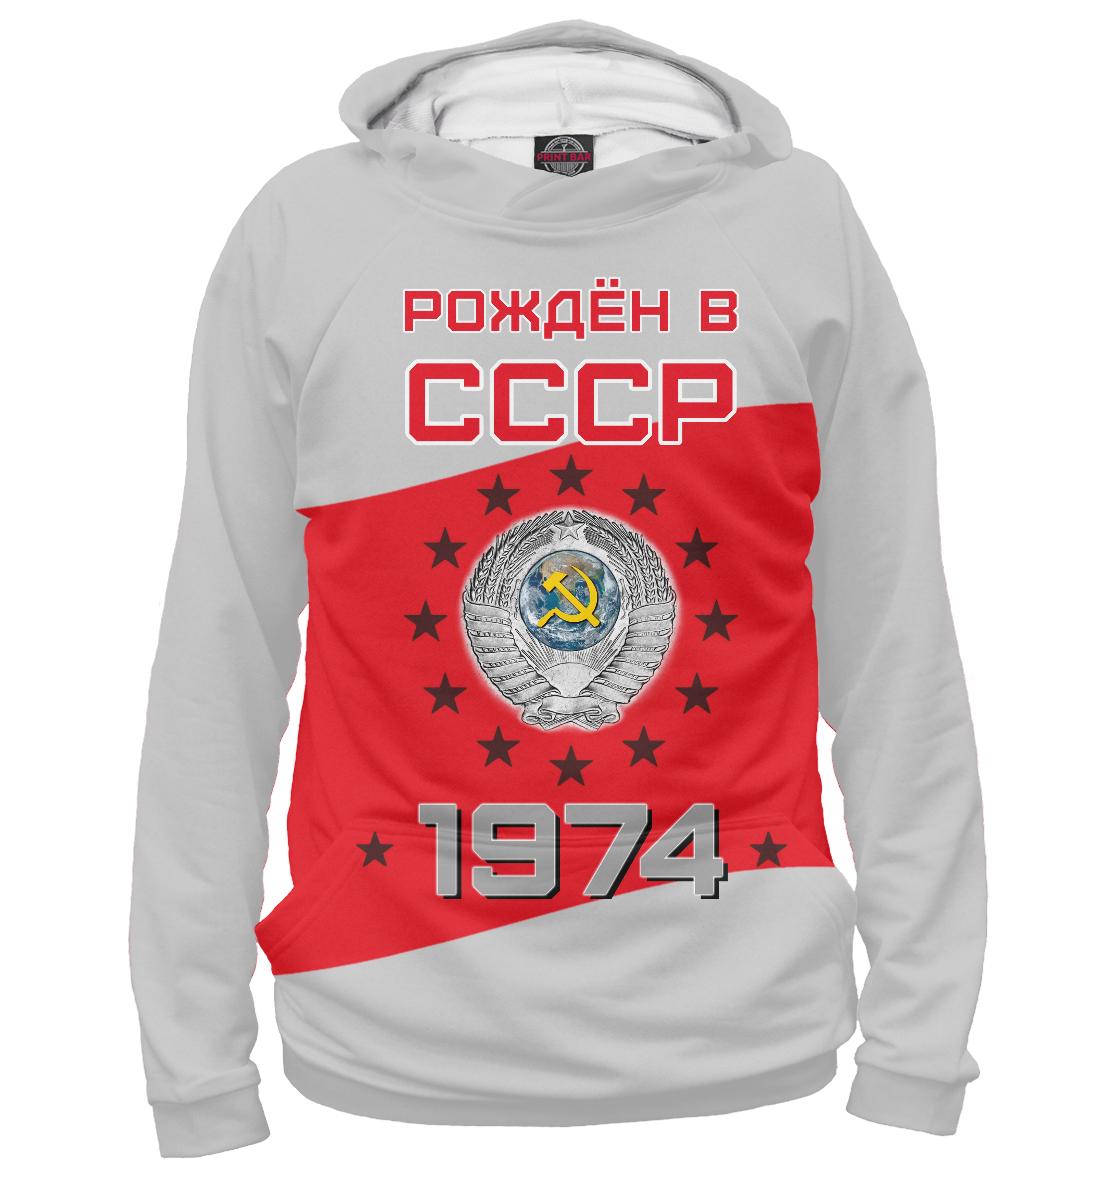 Купить Рождён в СССР - 1974, Printbar, Худи, DSC-920651-hud-1